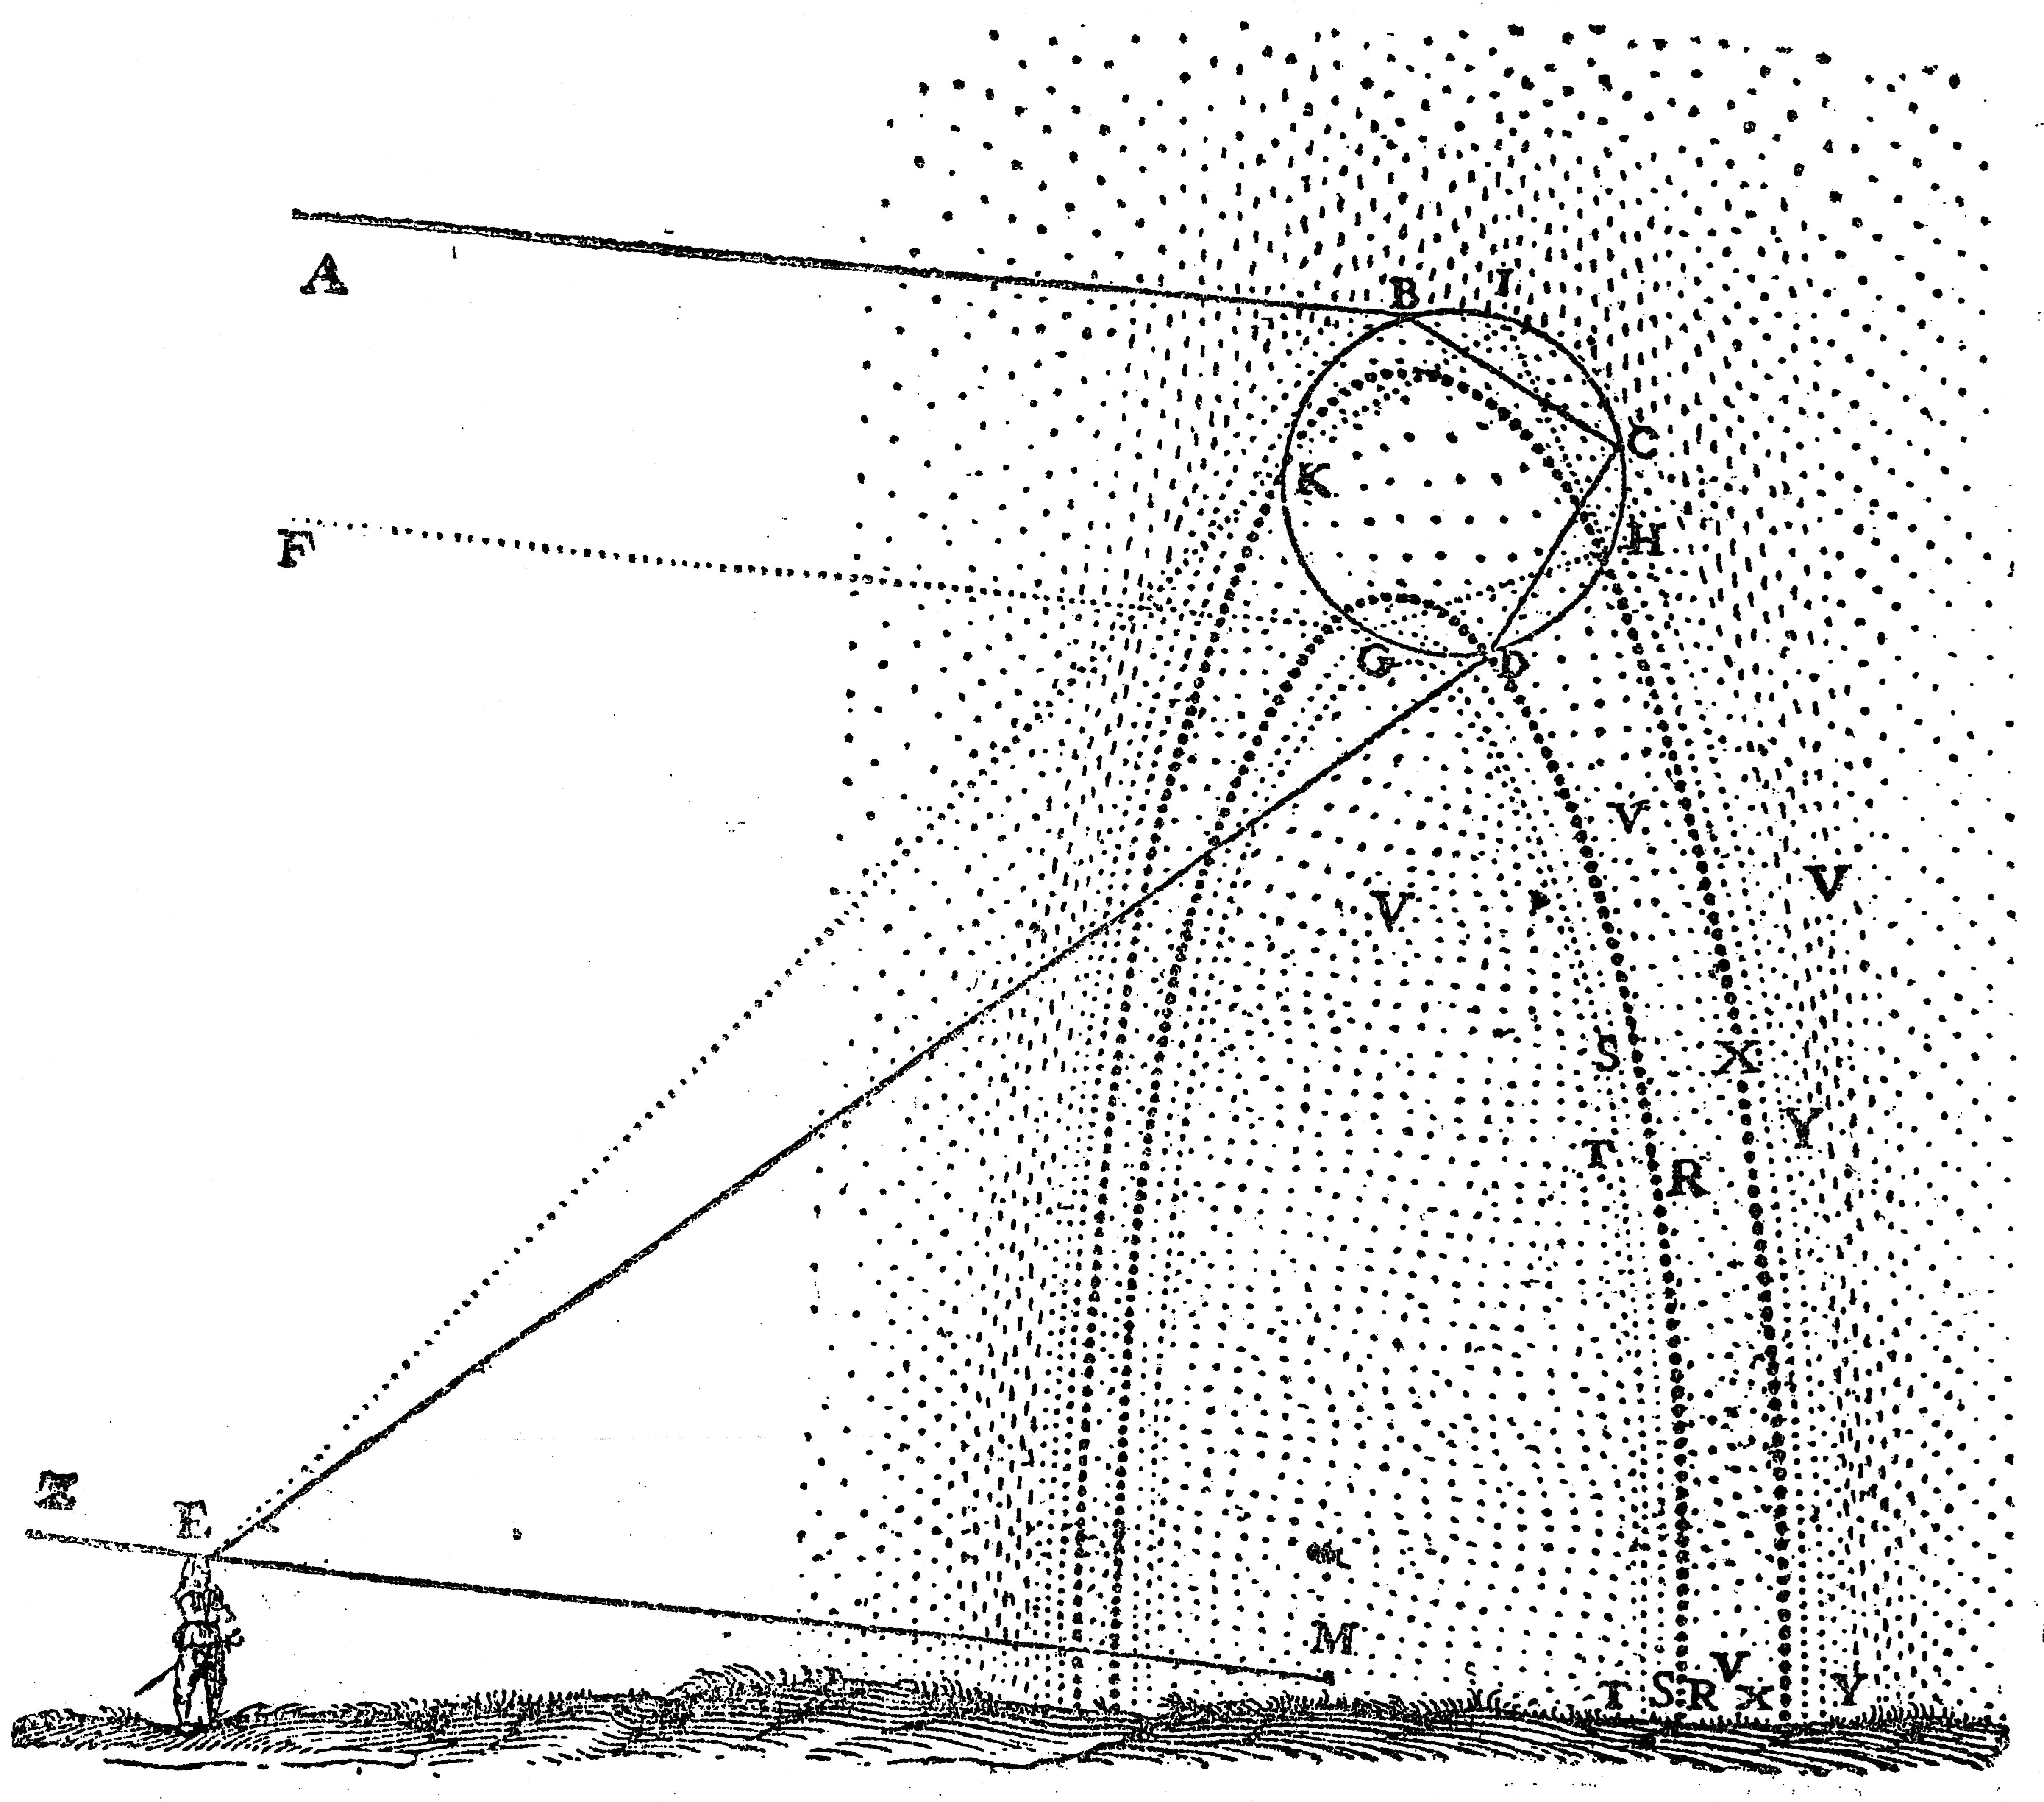 Via Wikimedia - Descartes picture